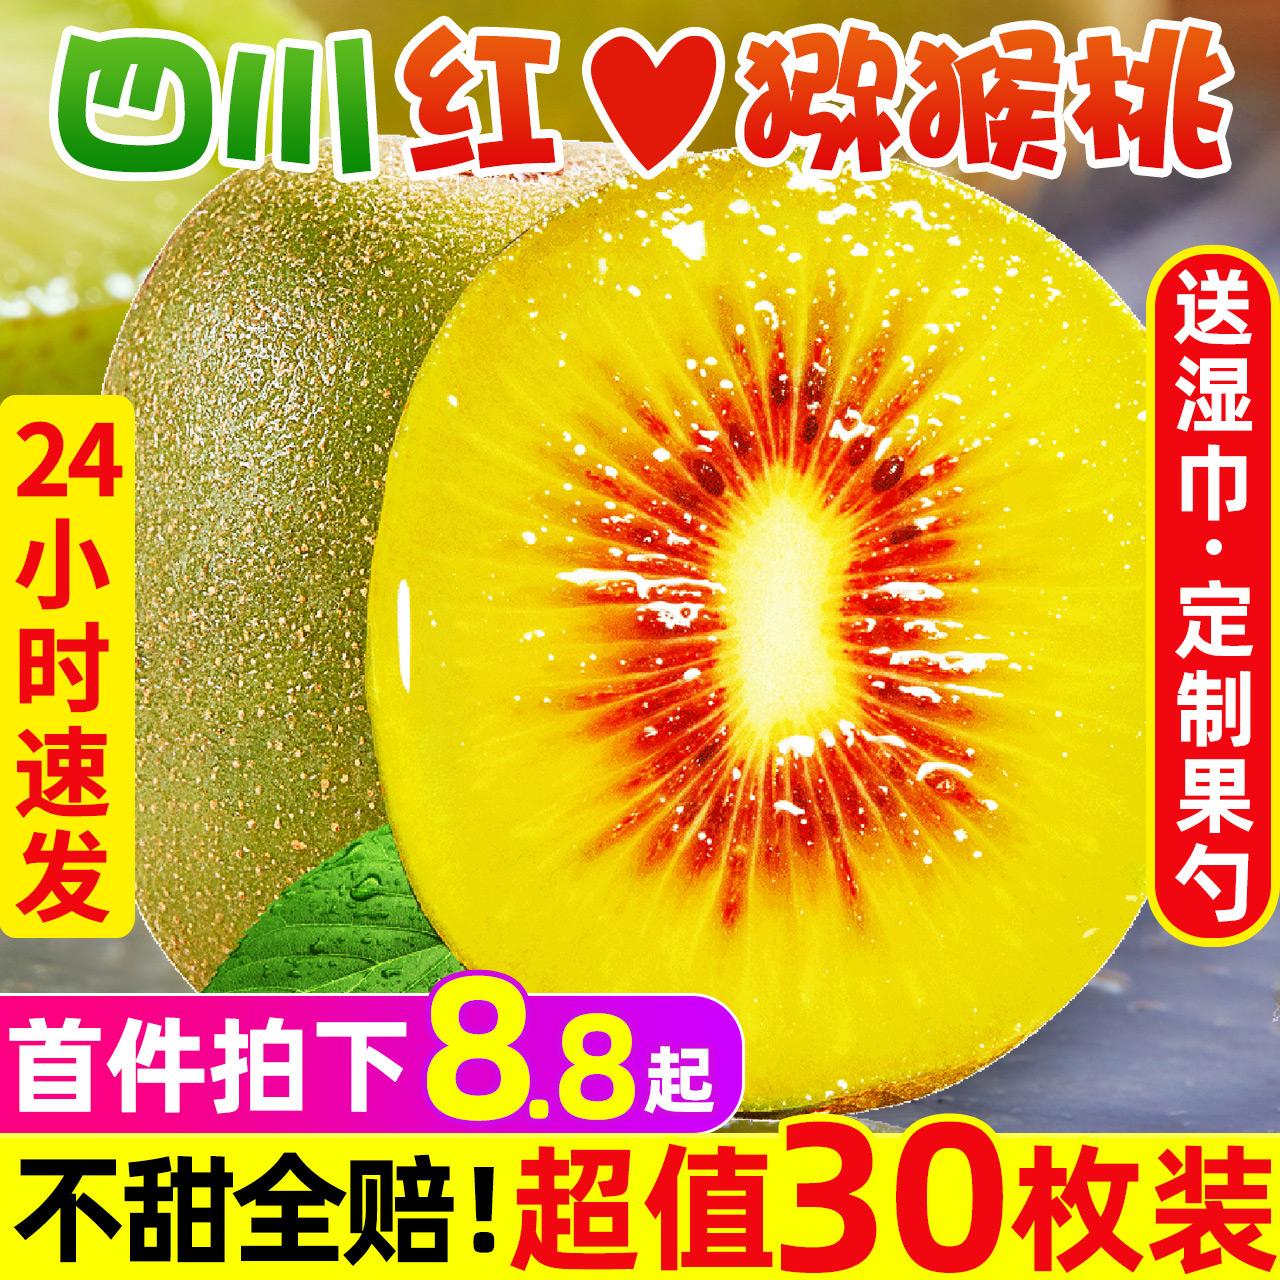 四川红心猕猴桃新鲜孕妇水果当季奇异果大果正宗弥猴桃整箱包邮10